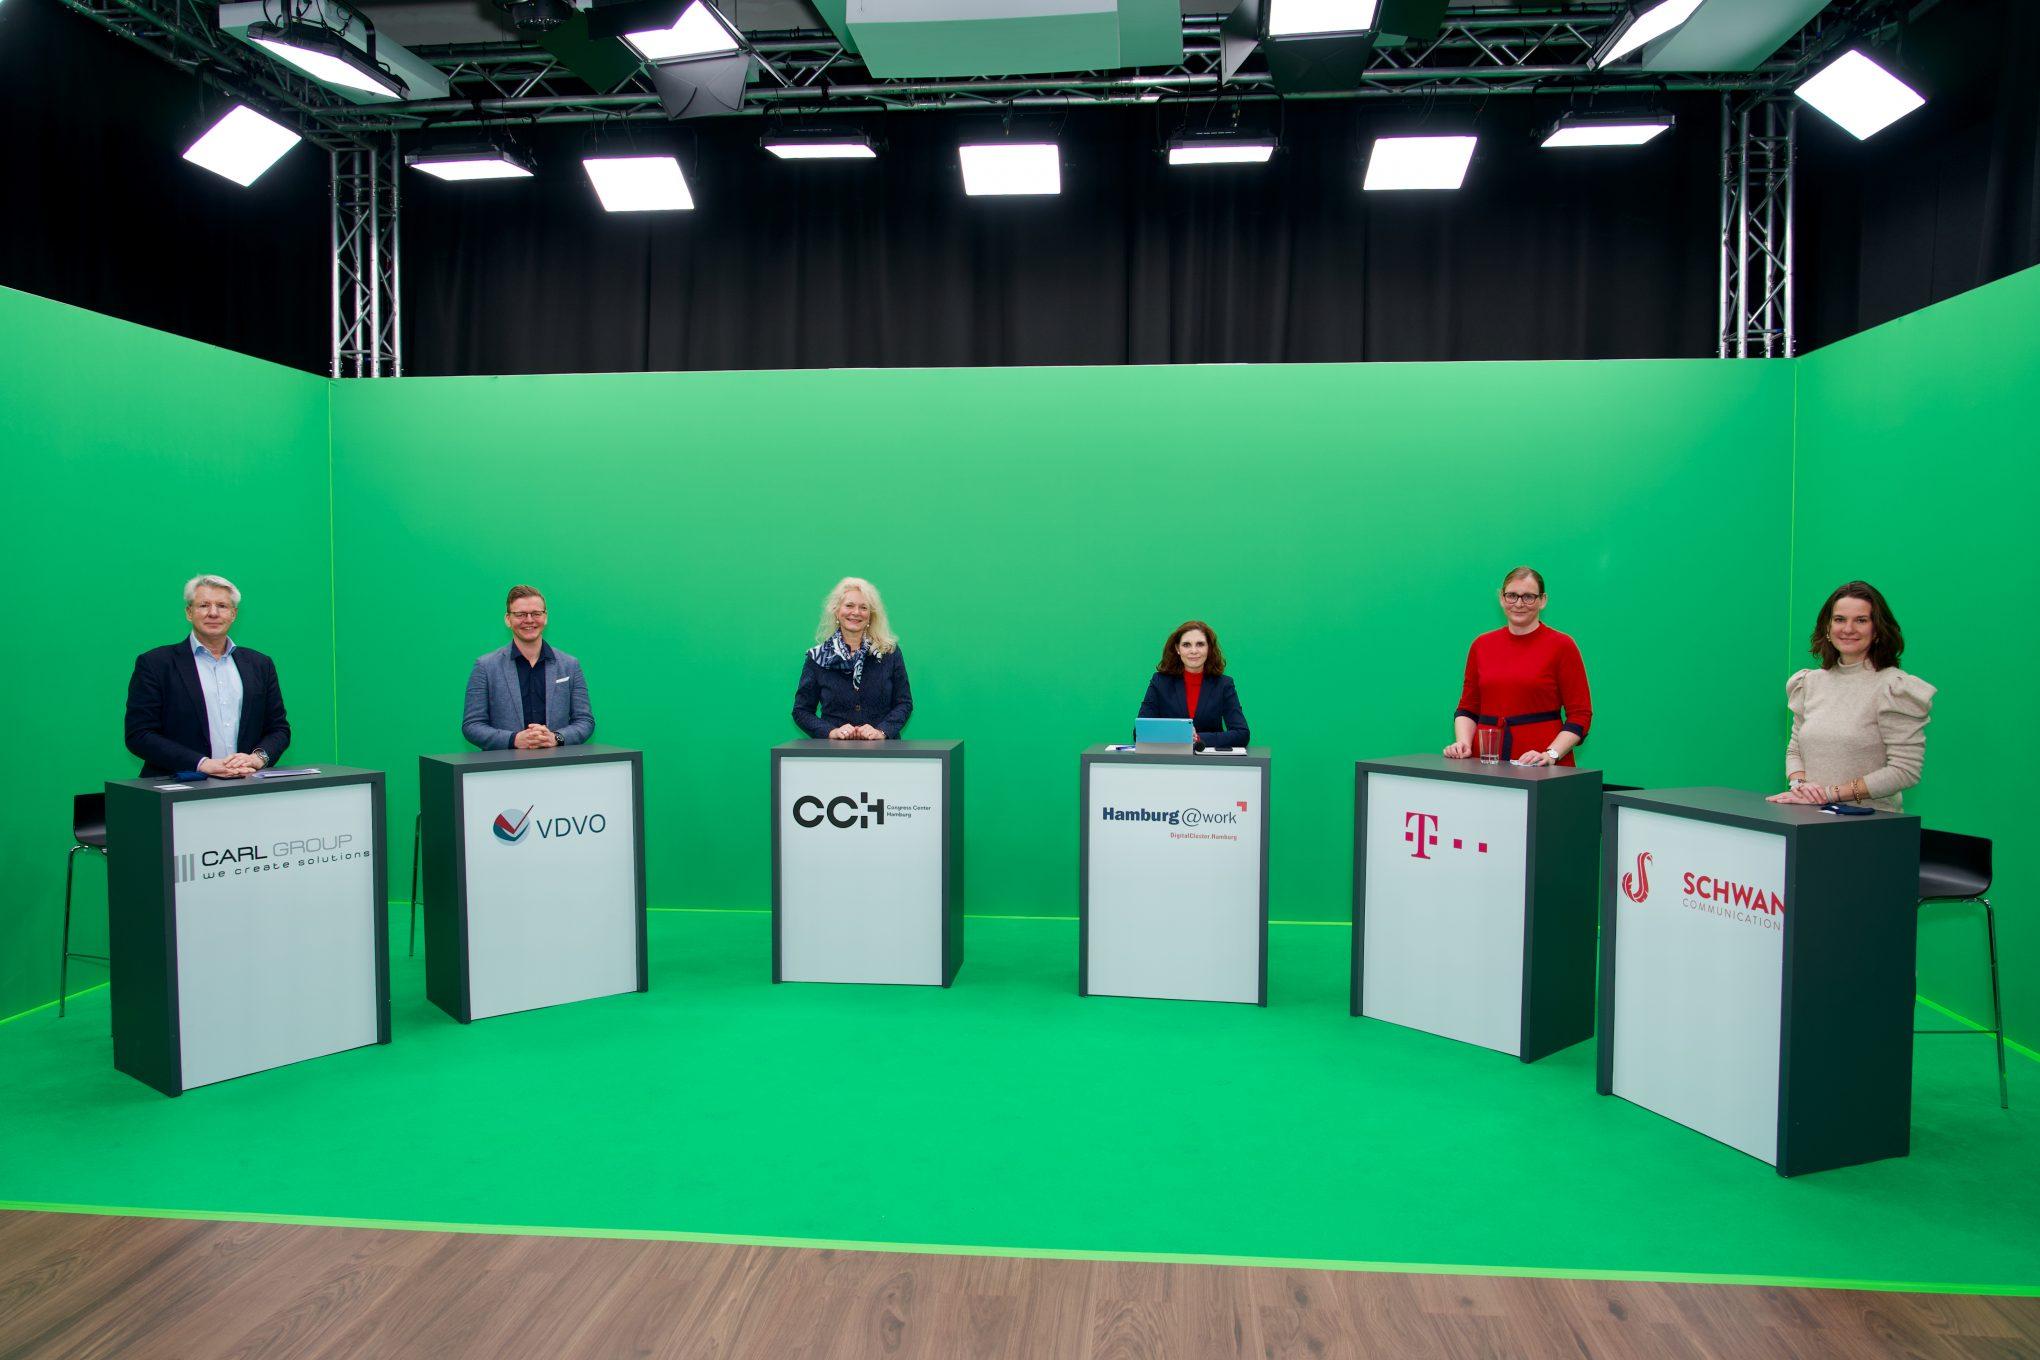 Carl Group Dienstleister für Live-Kommunikation Konferenztechnik Eventtechnik Live Kommunikation